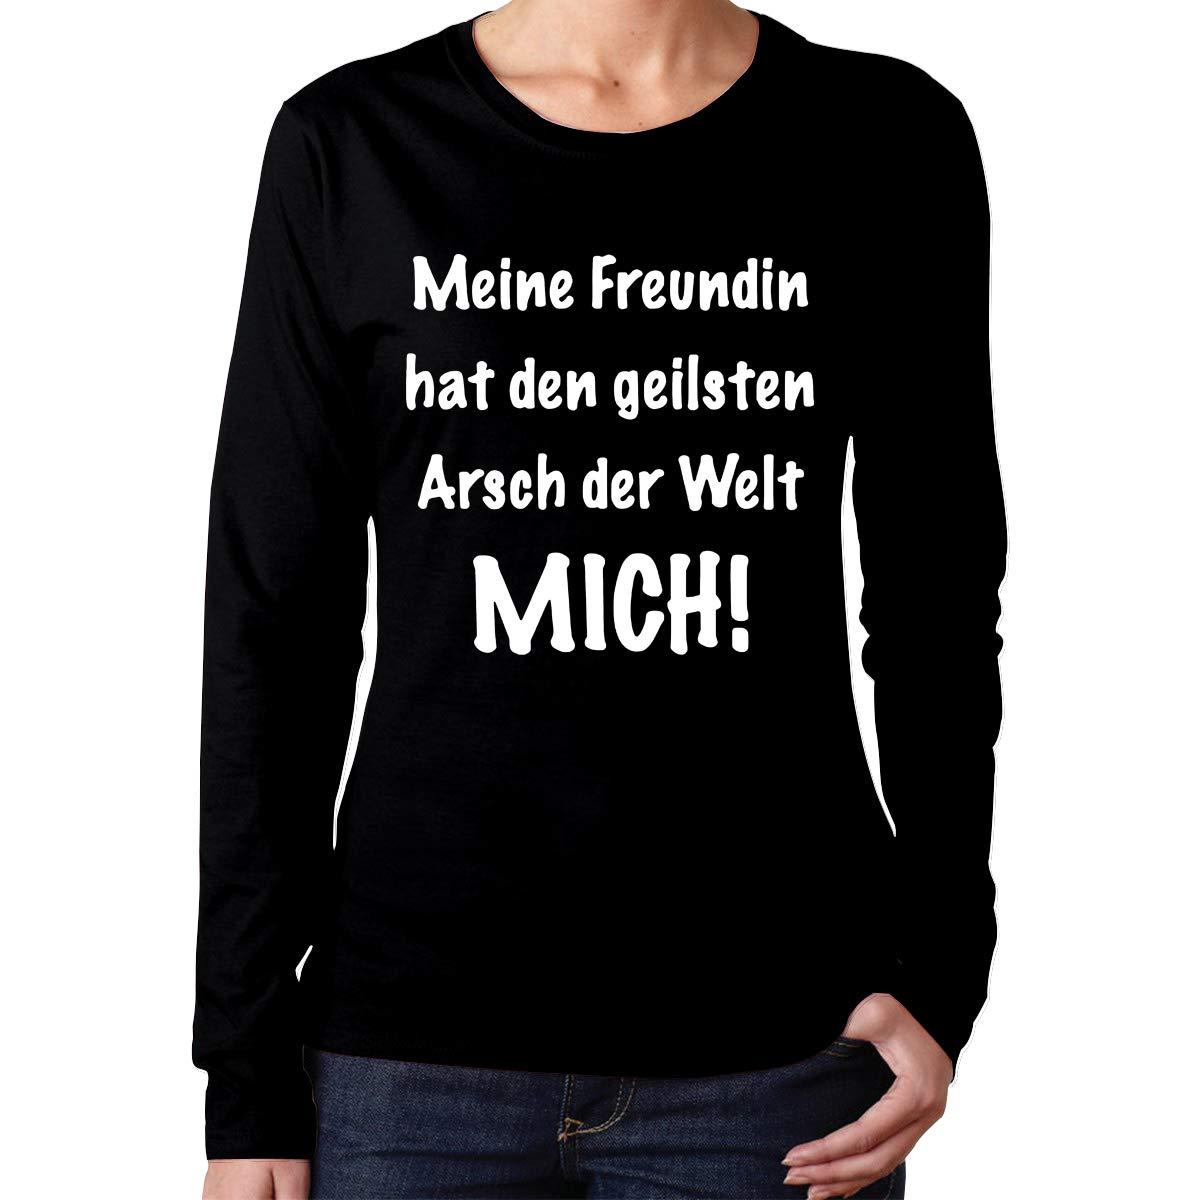 low cost T Shirt Damen Geiler Arsch T Shirts,Damen